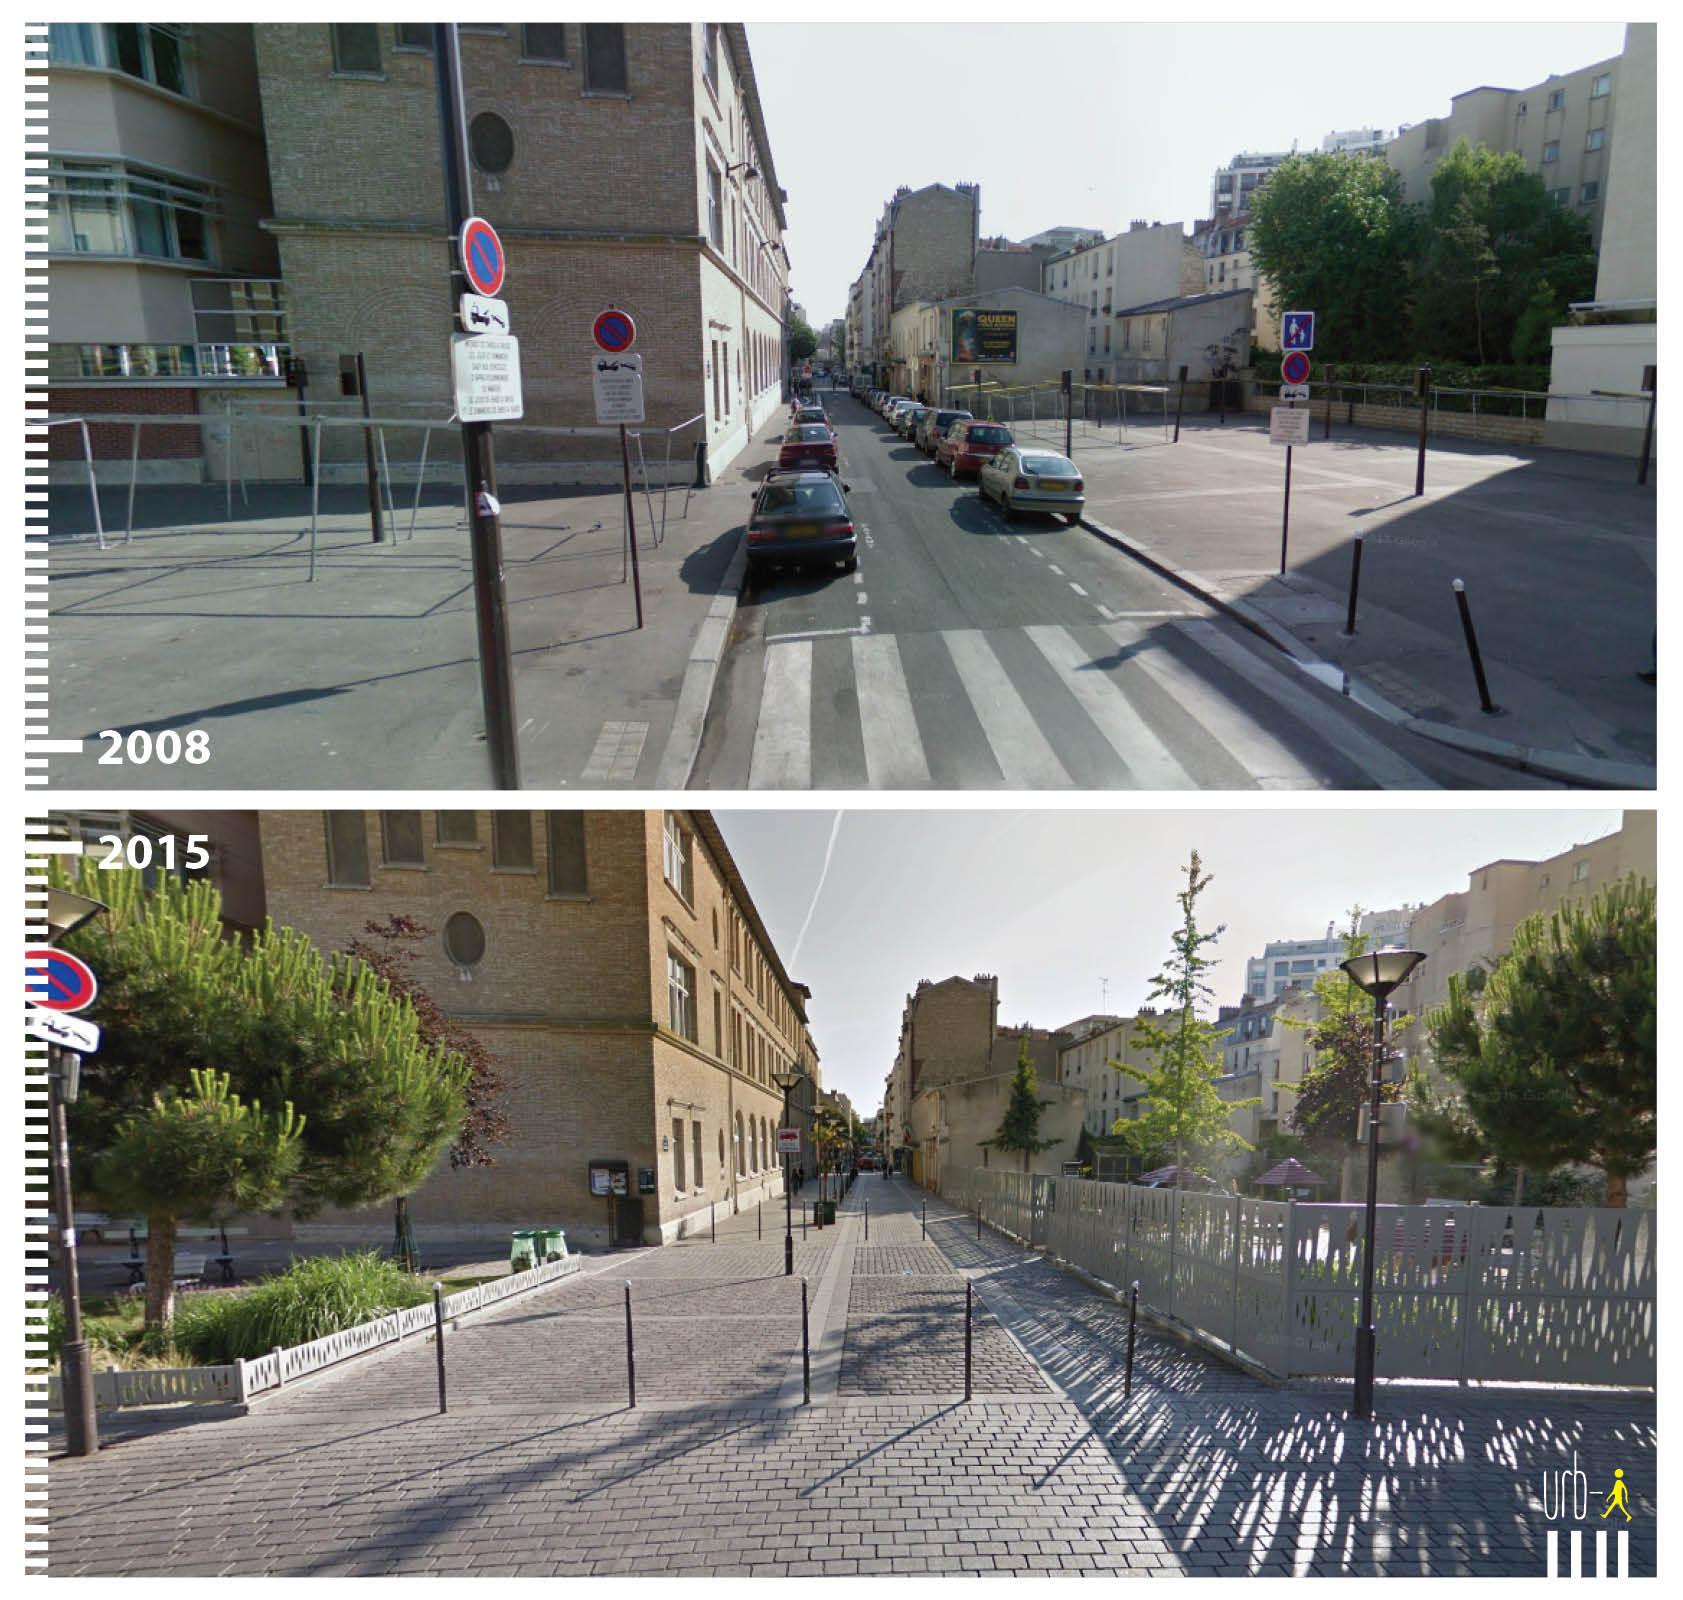 Rue Vitruve Paris Umbau